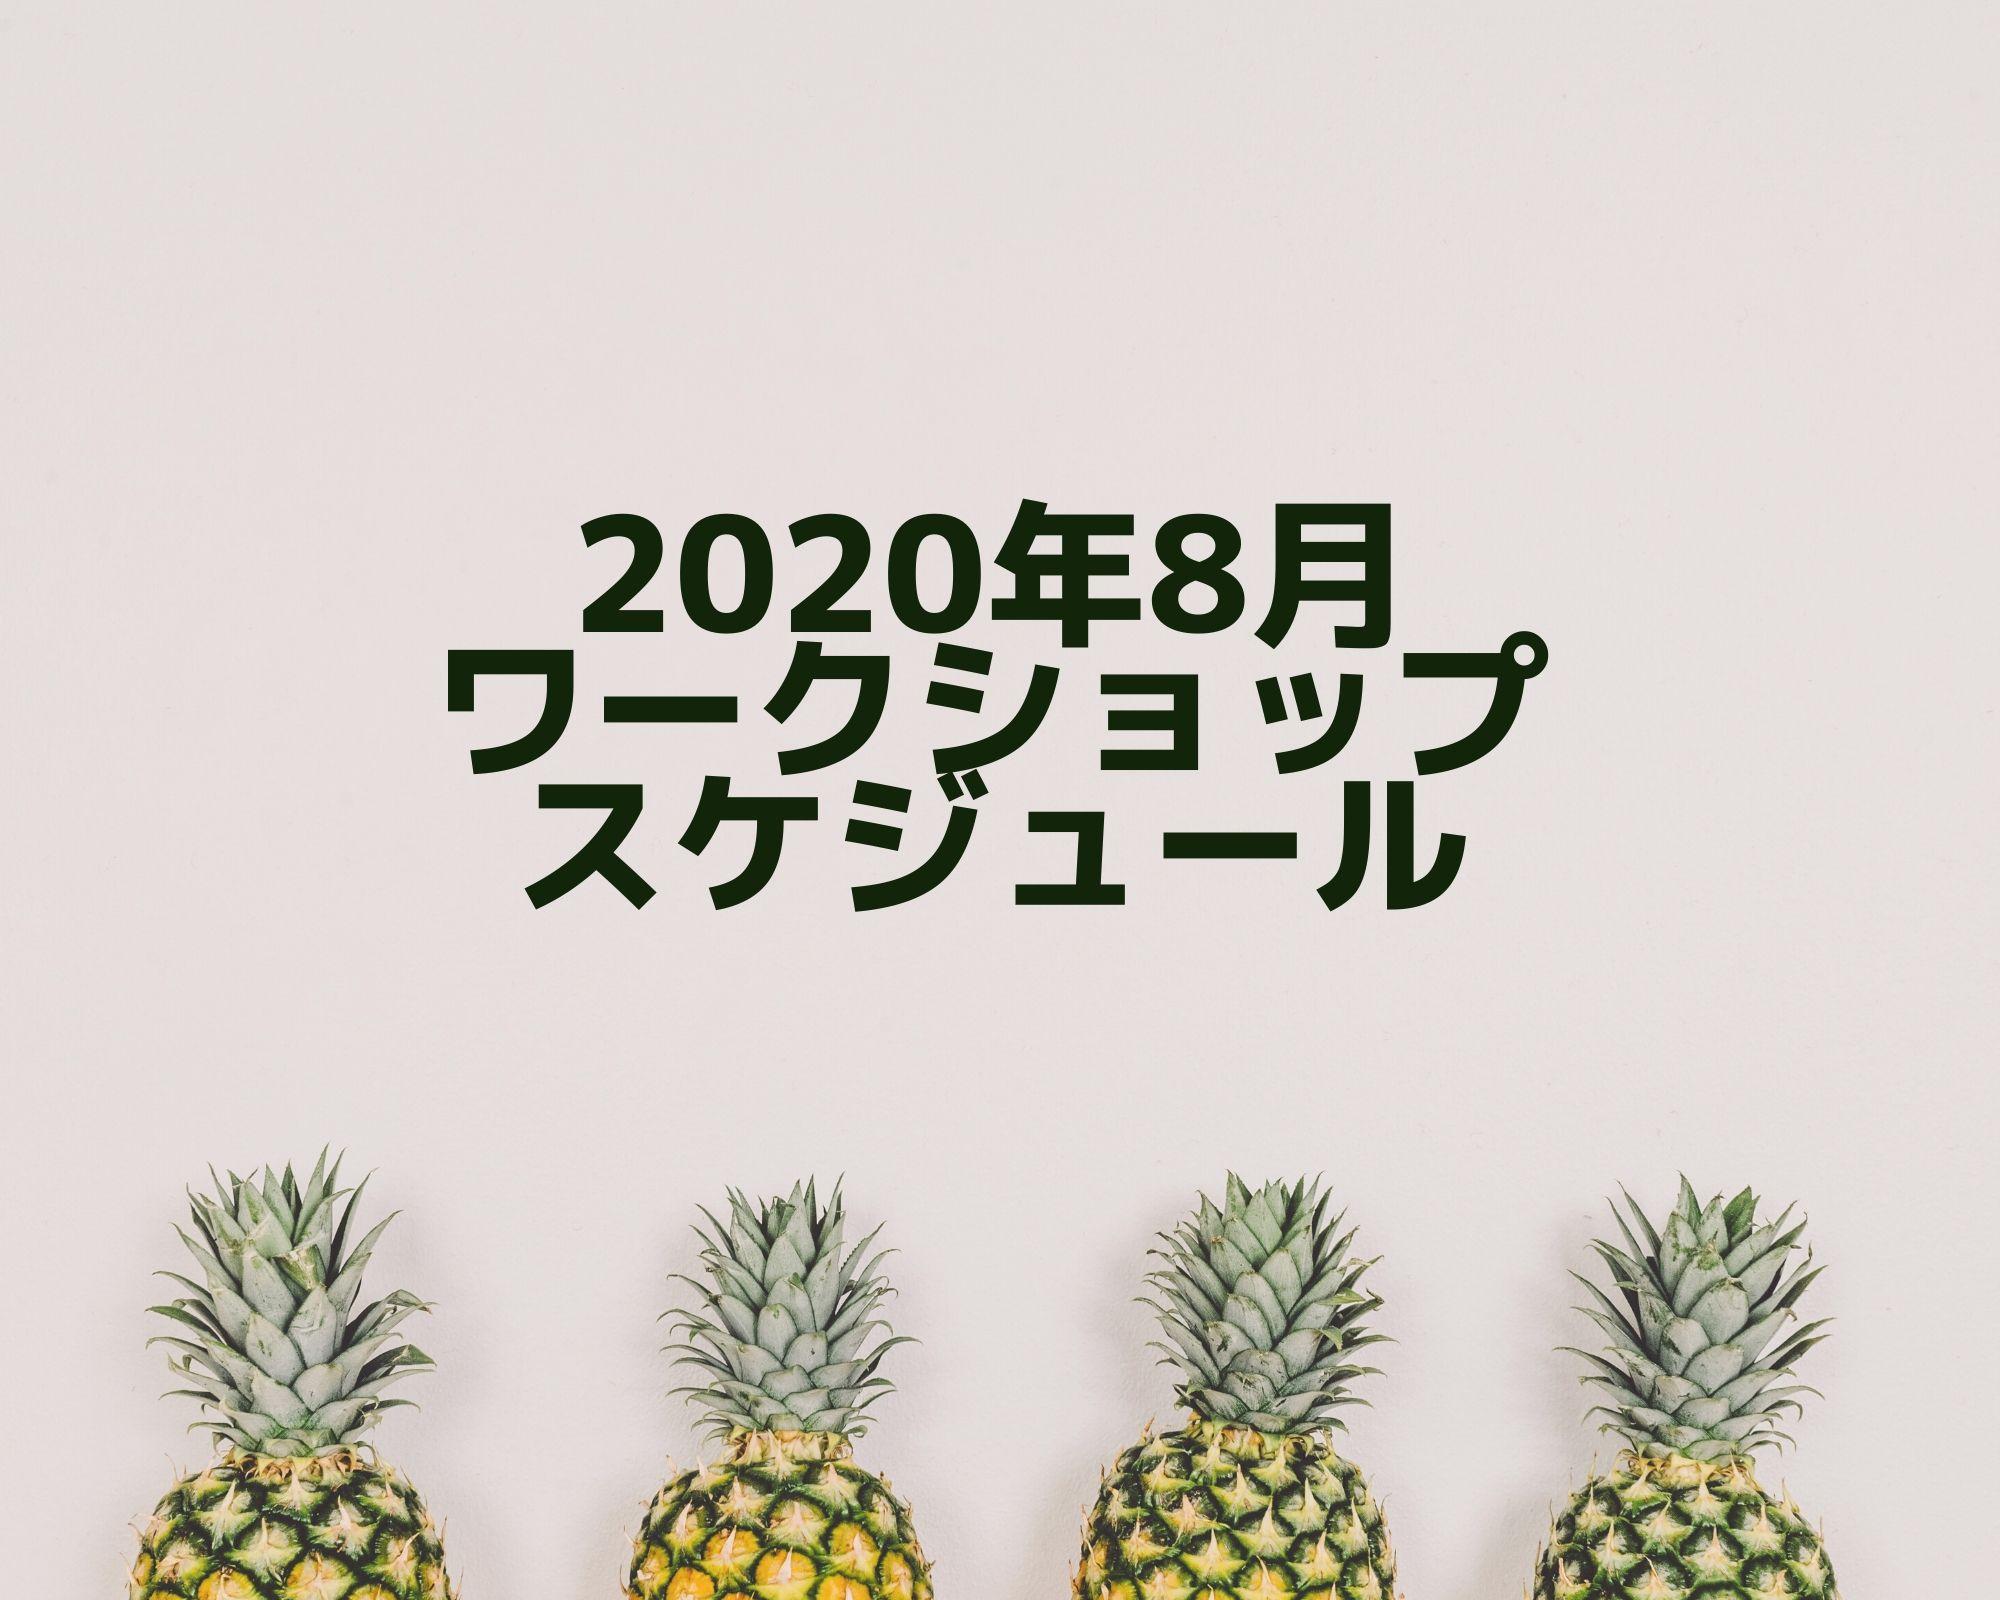 2020年8月 ワークショップのお知らせ